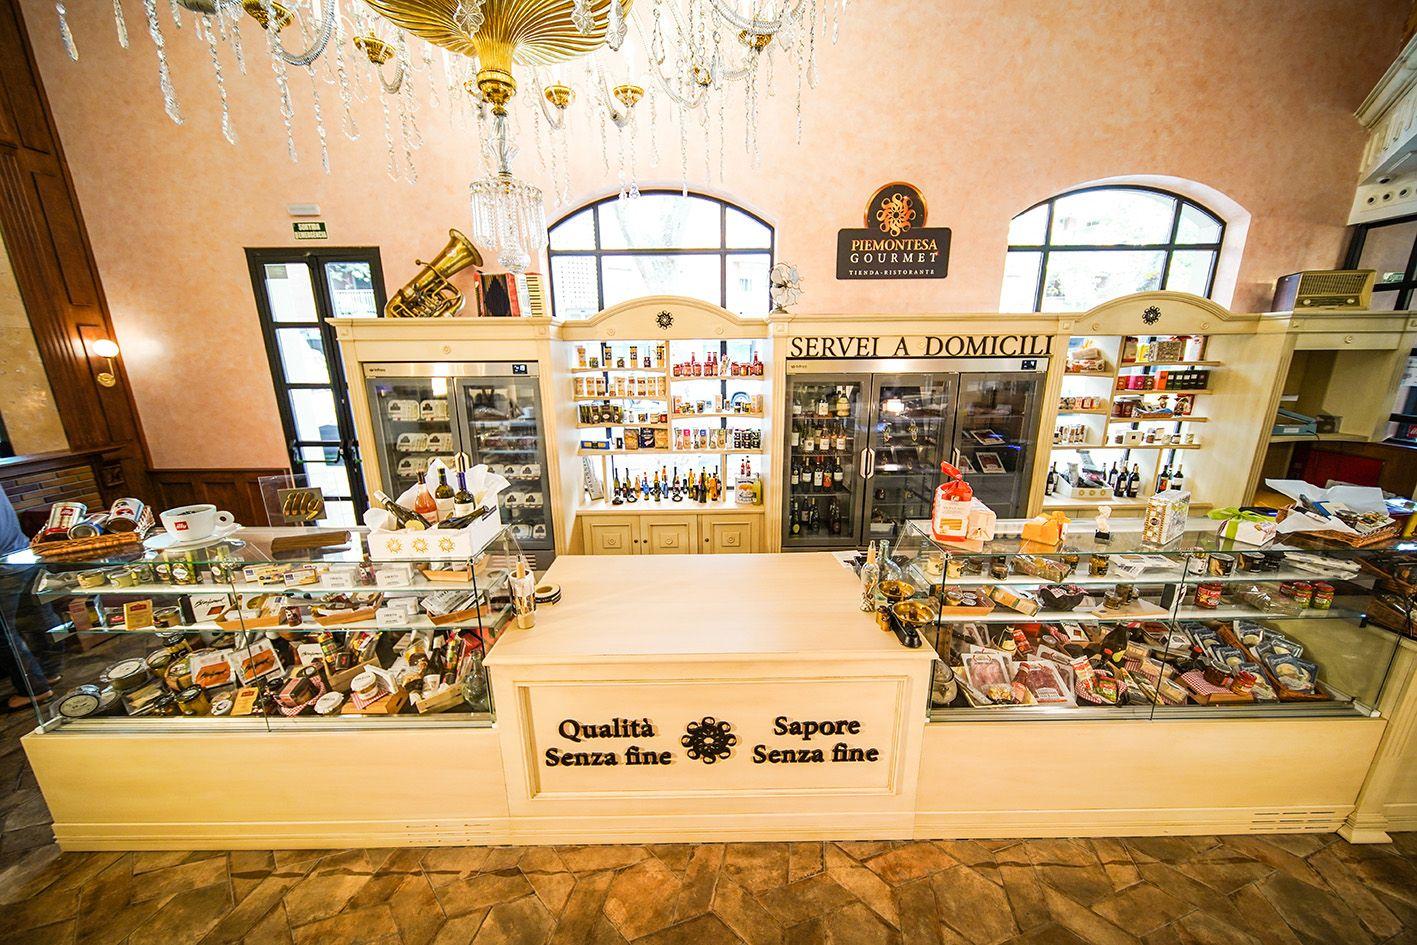 La Piemontesa implanta en Reus el primer ristorante-tienda de la cadena